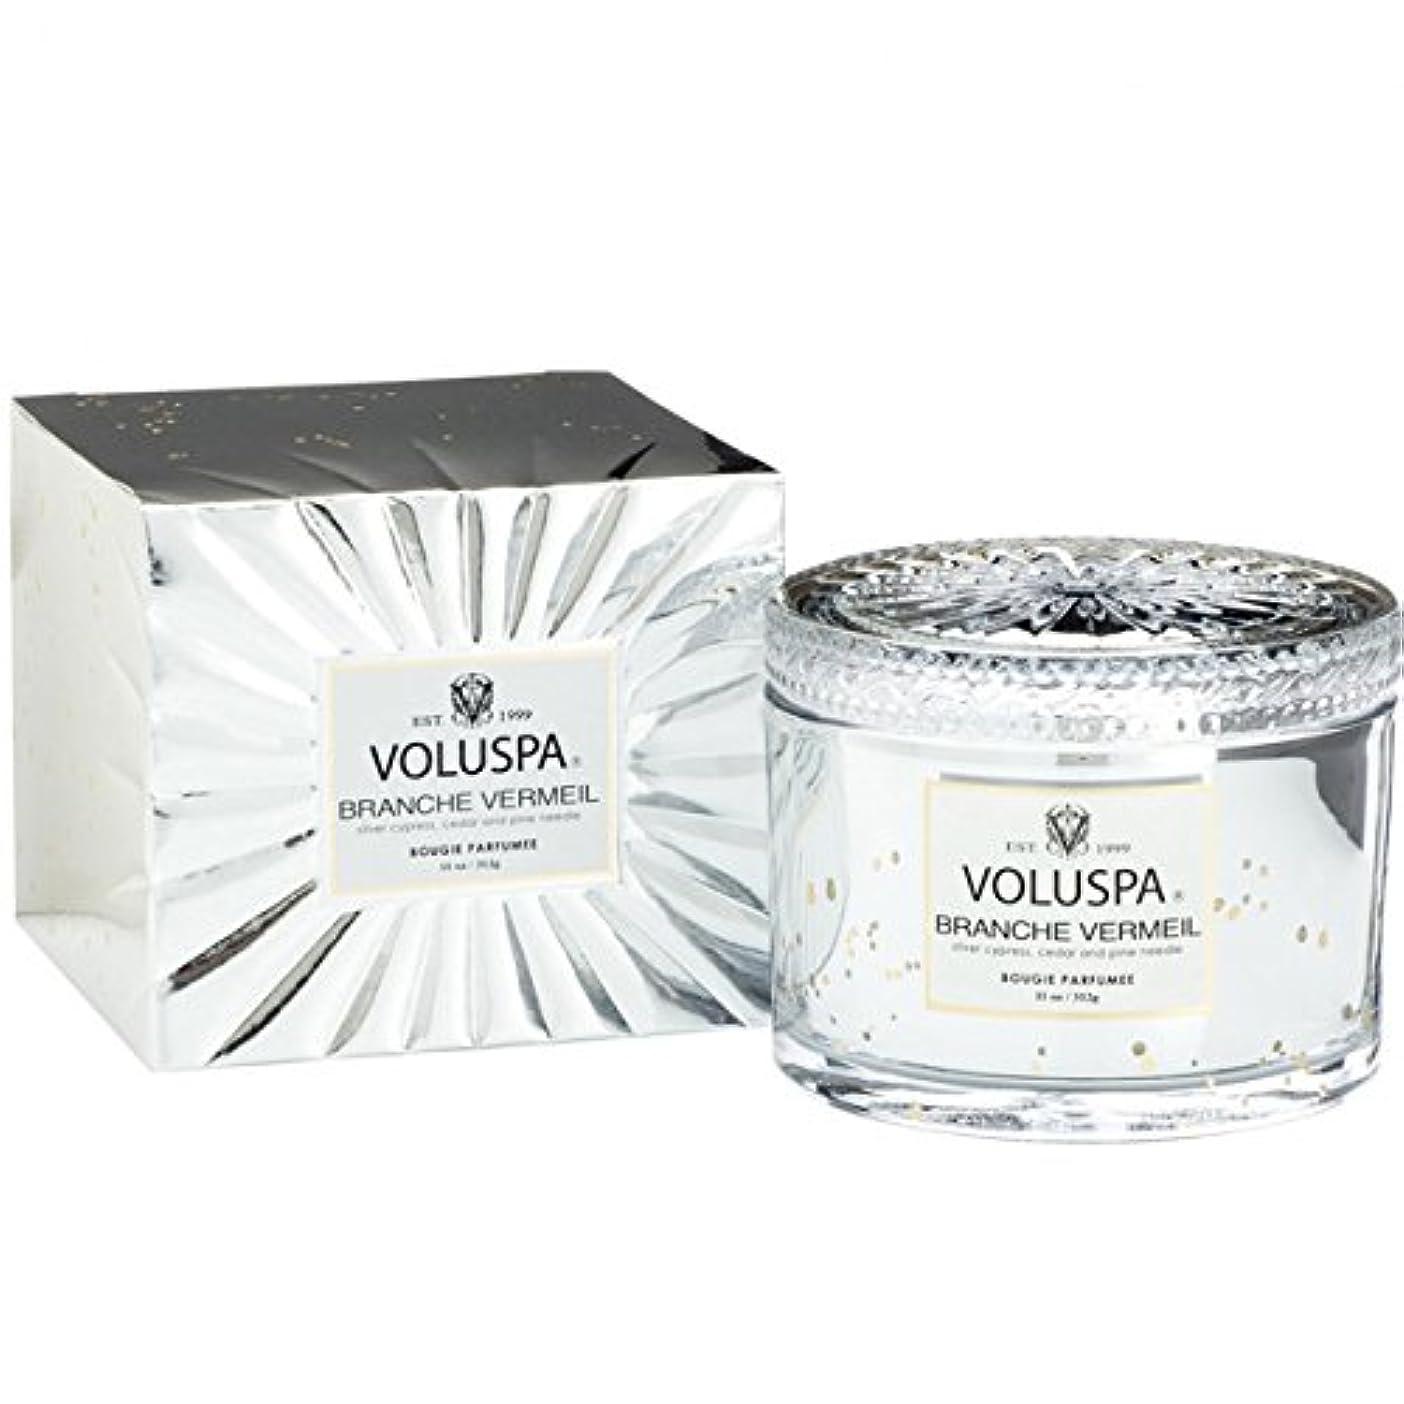 湾不器用割れ目Voluspa ボルスパ ヴァーメイル ボックス入り グラスキャンドル フ?ランチヴァーメイル BRANCHE VERMEIL VERMEIL BOX Glass Candle